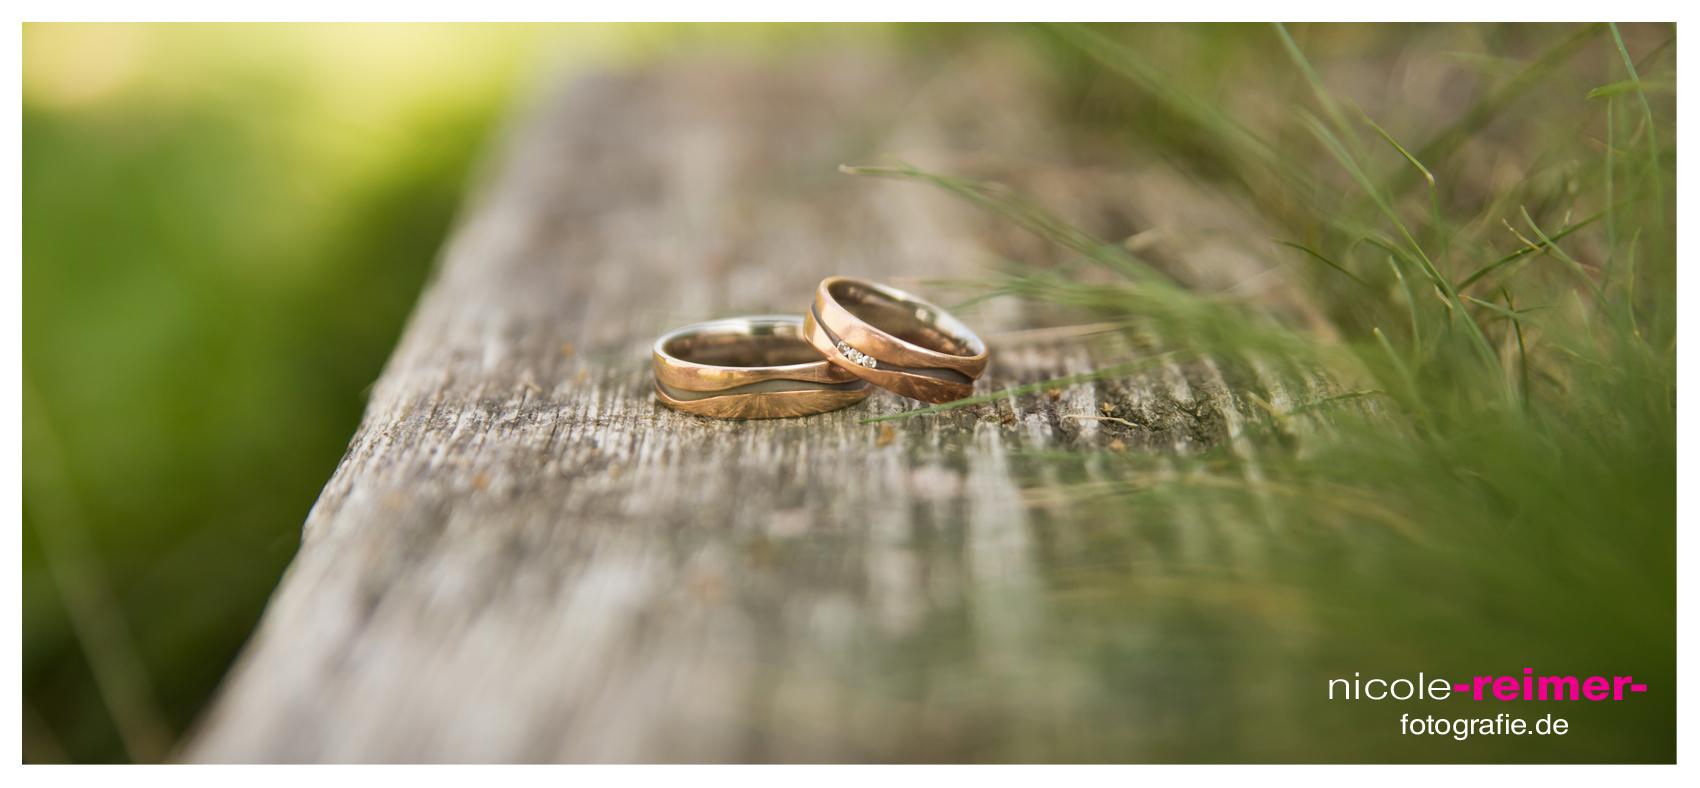 Nicole_Reimer_Hochzeitsfotografie_Trauringe_fotografieren2